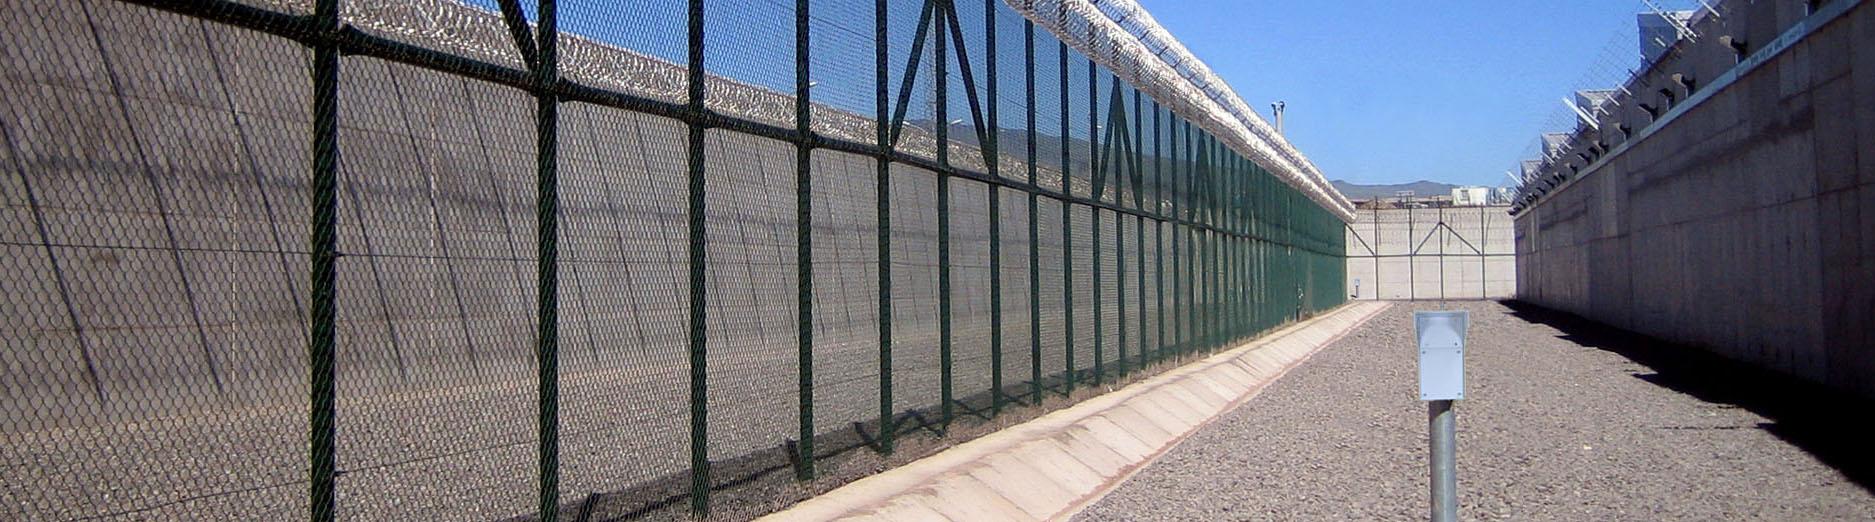 Seguridad en Infraestructuras Penitenciarias